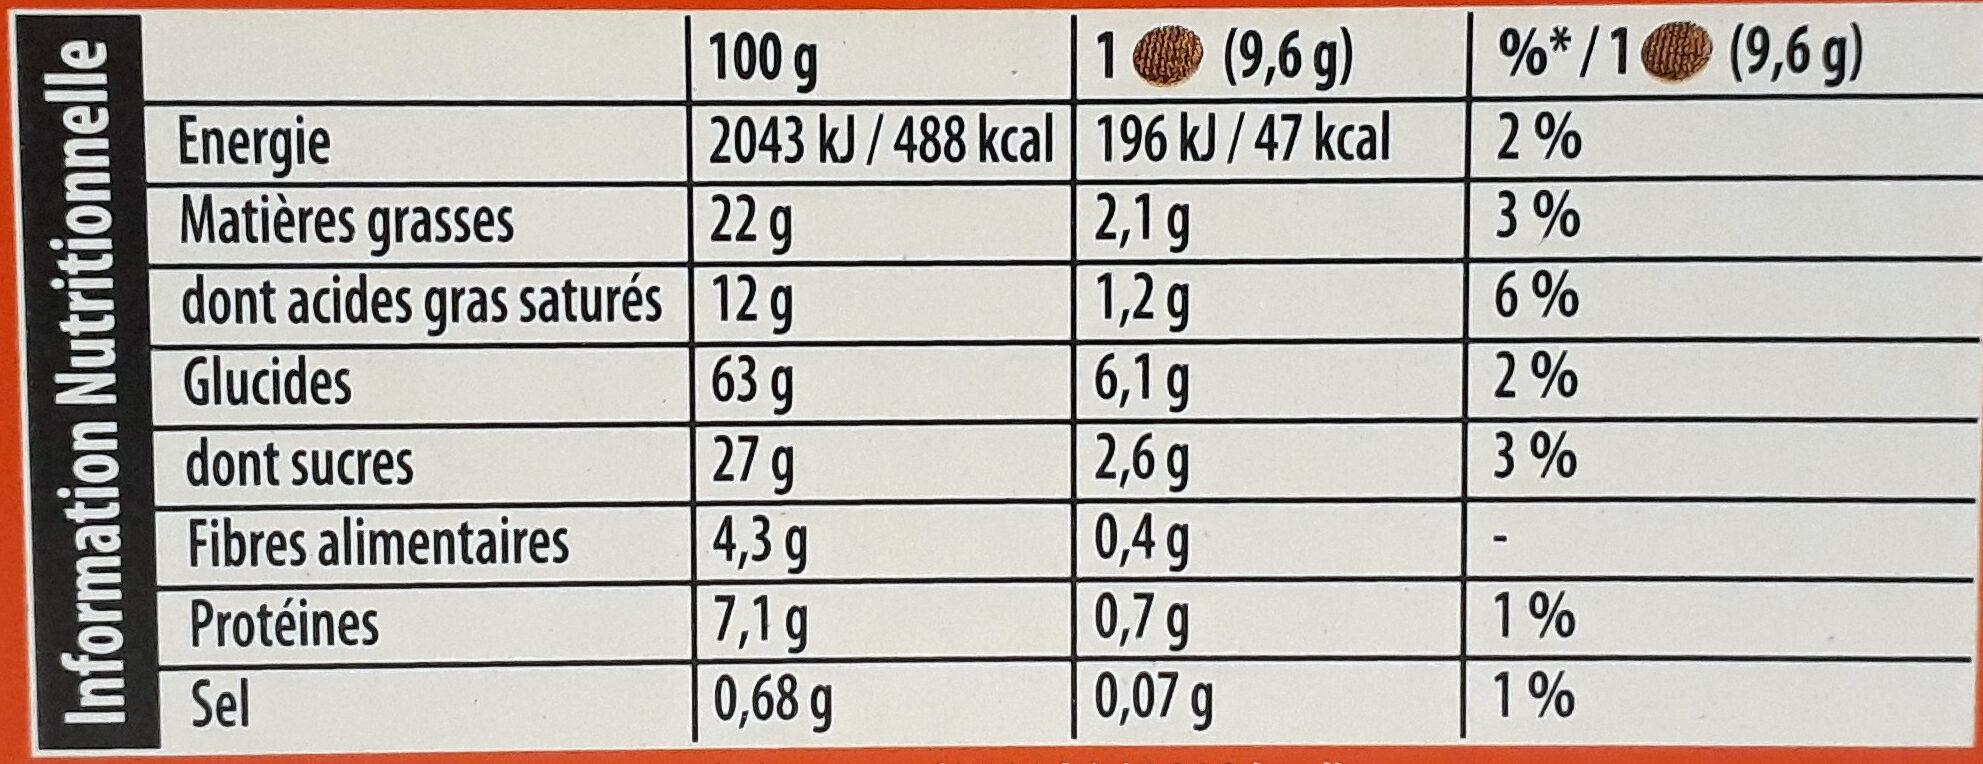 Pépito - Chocolat noir - Informations nutritionnelles - fr